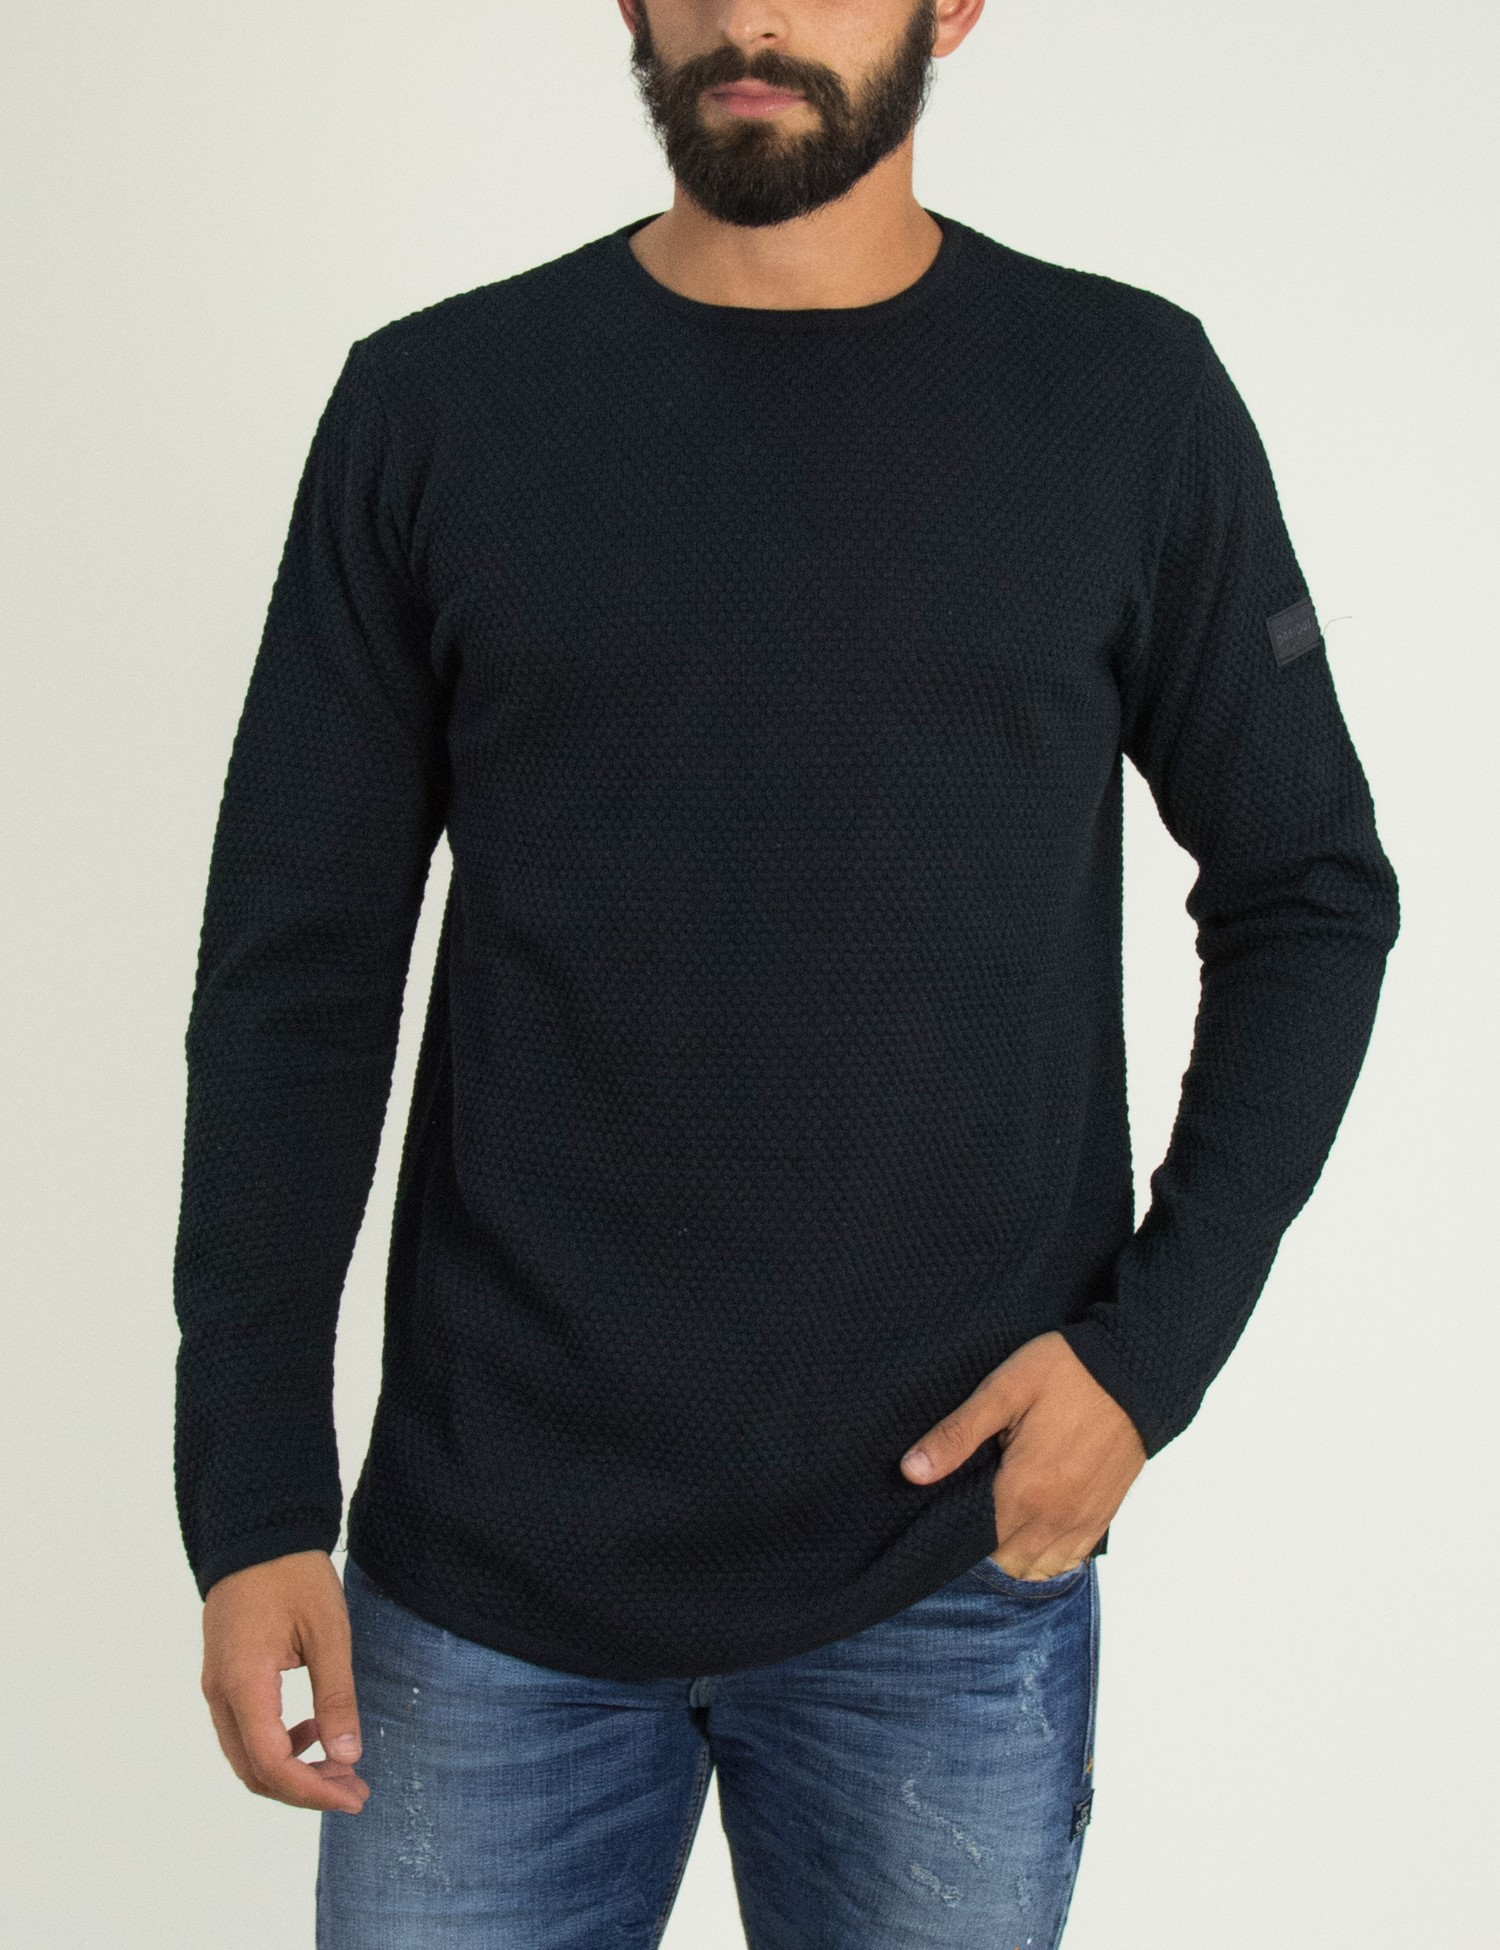 909f2d99814e Ανδρική μαύρη πλεκτή μακρυμάνικη μπλούζα μονόχρωμη Darius 1805